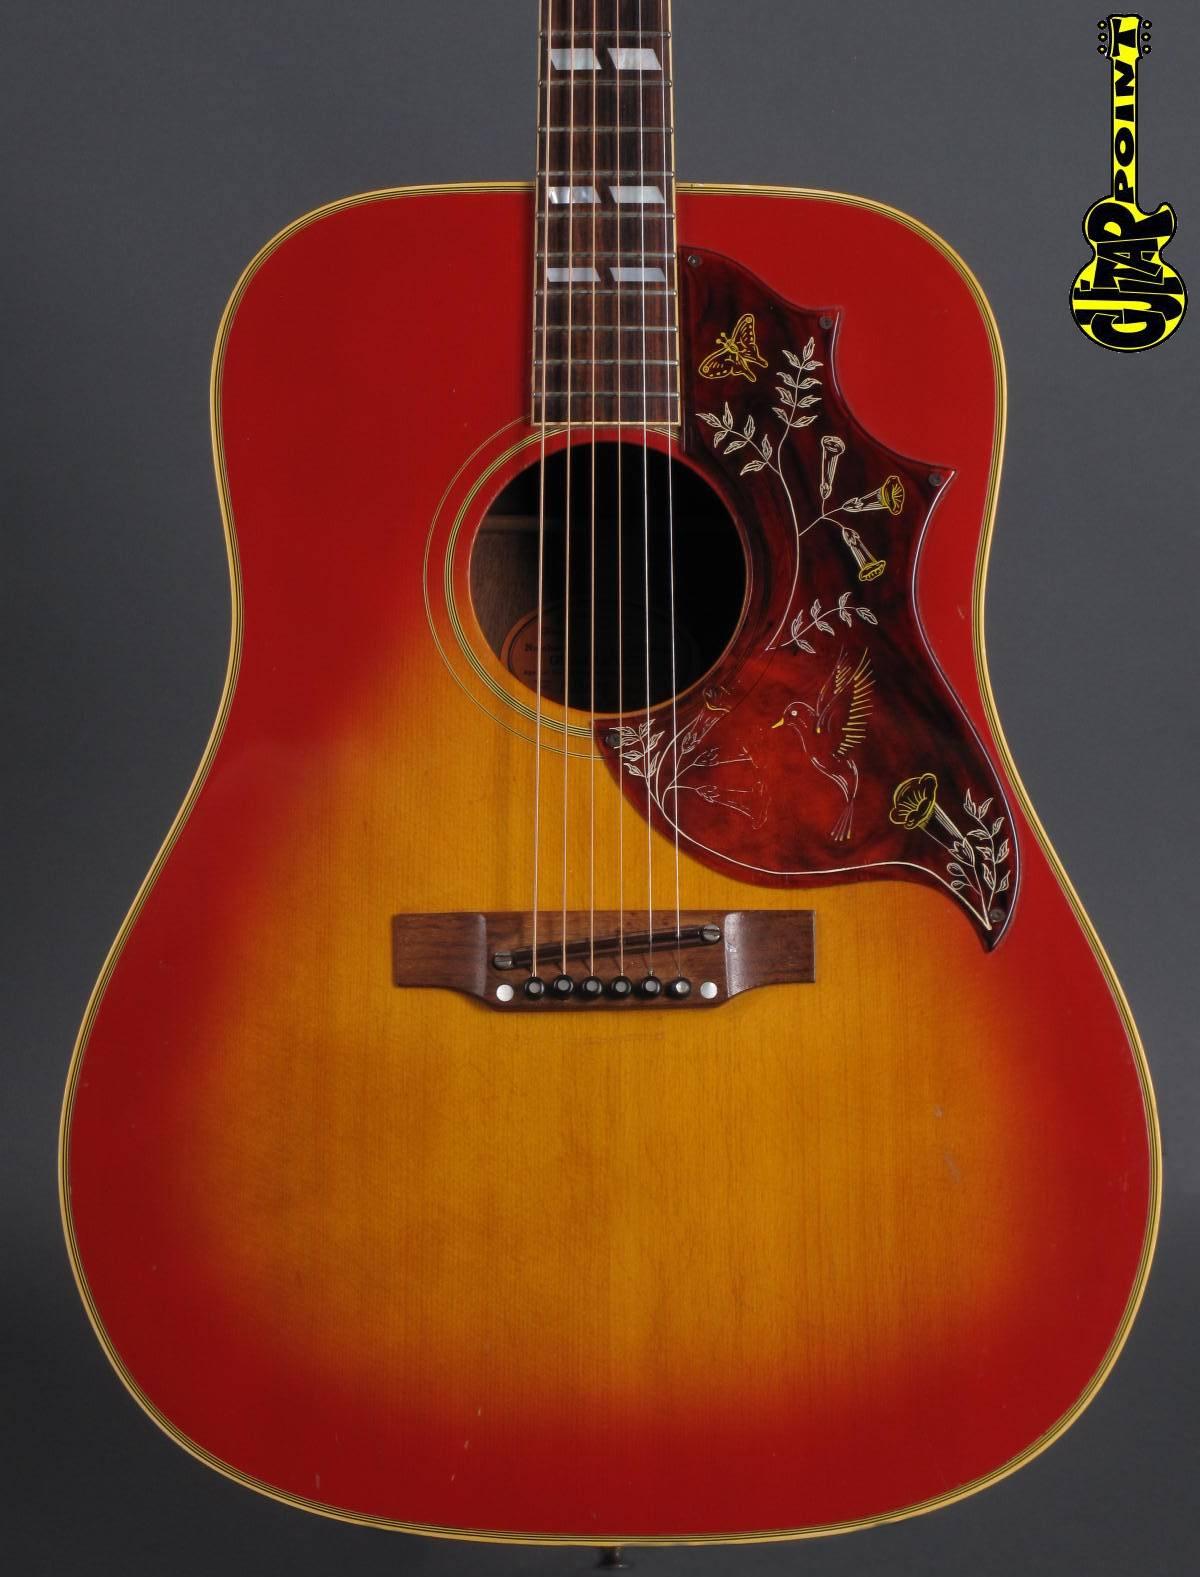 1968 Gibson Hummingbird - Cherry Sunburst